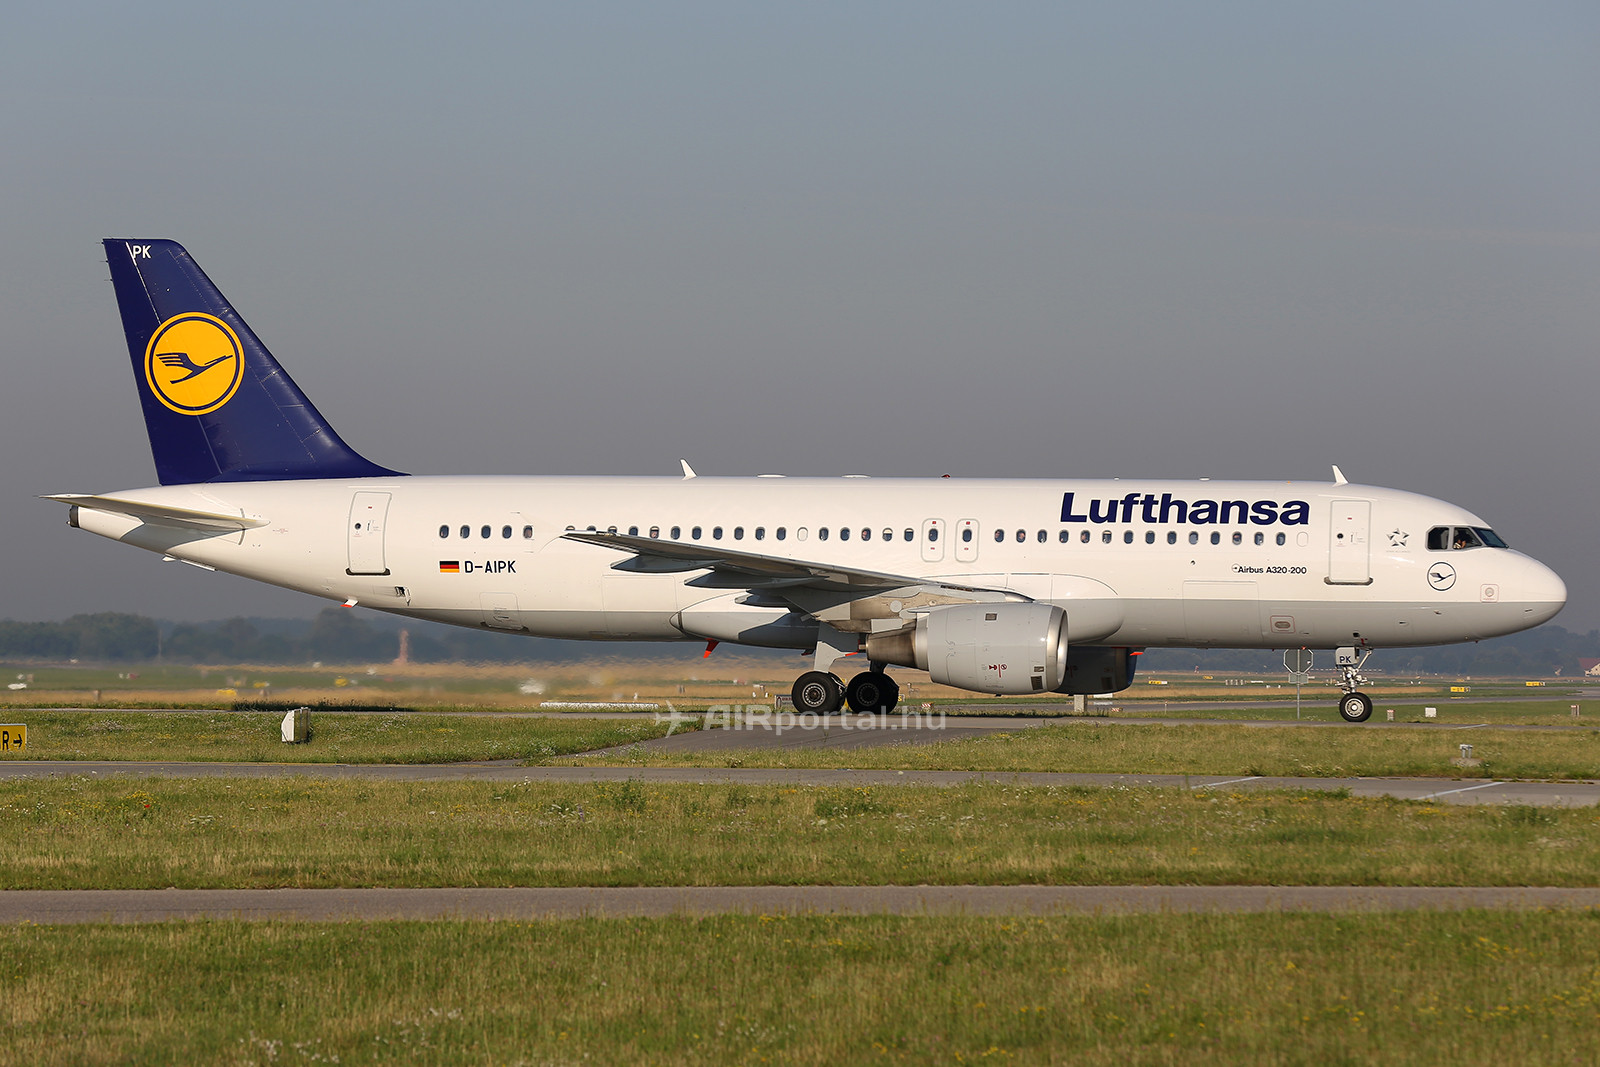 A Lufthansa D-AIPK lajstromjelű Airbus A320-211 típusú repülőgépe pár héttel az esetet megelőzően a müncheni repülőtéren. (Fotó: AIRportal.hu) | © AIRportal.hu